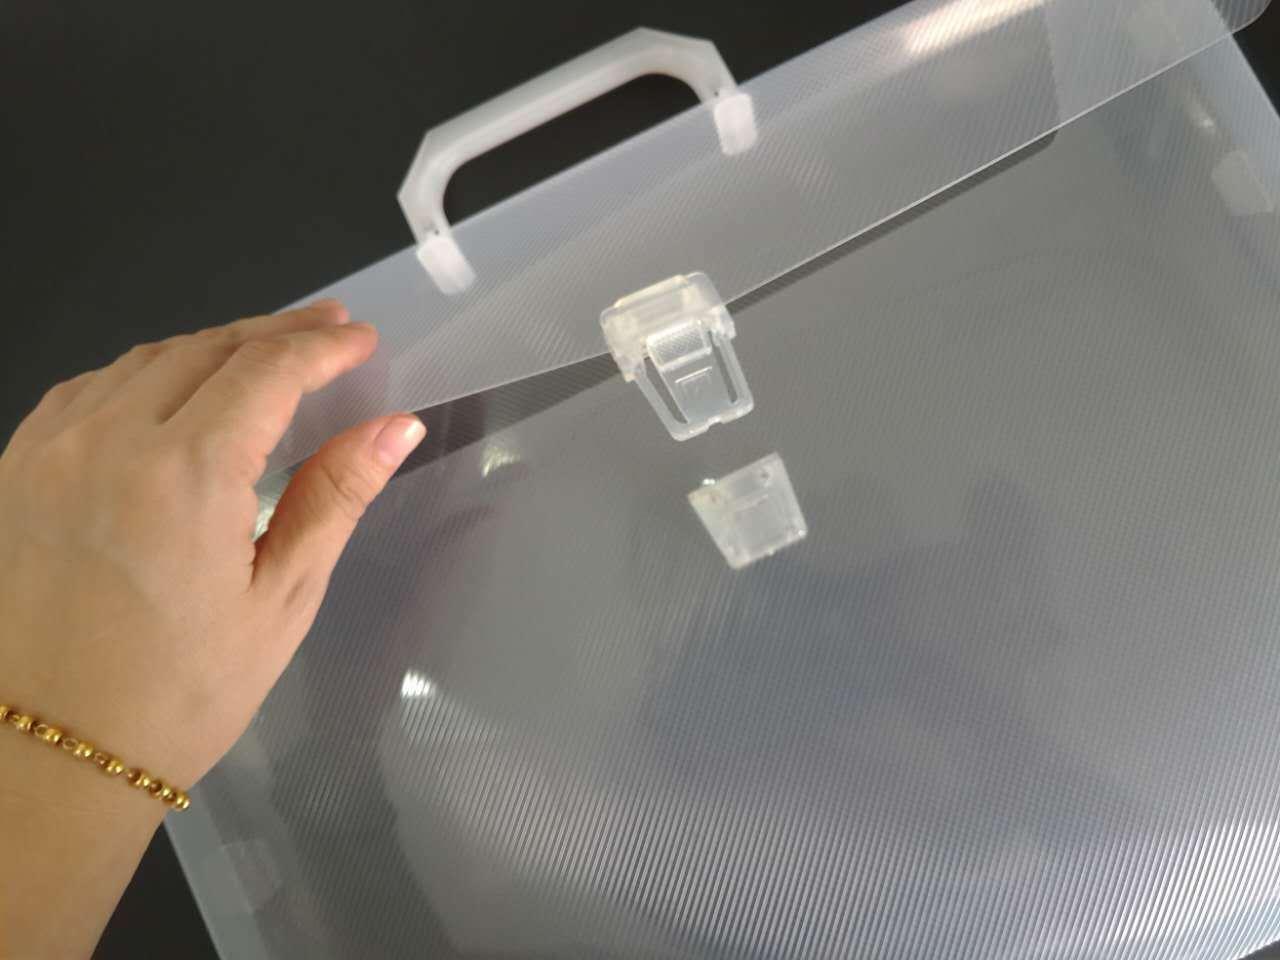 Custom Printing logo Plastic PP file/document folder (file bag)